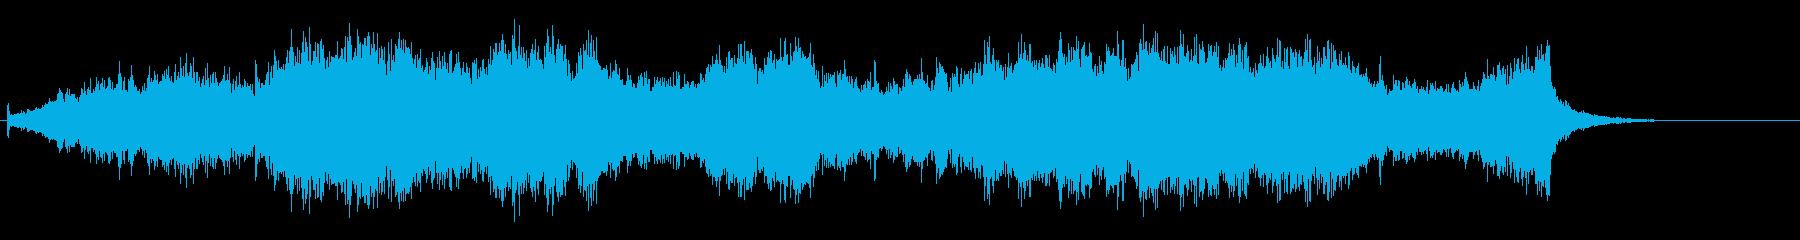 ホラー要素のあるクワイアの再生済みの波形